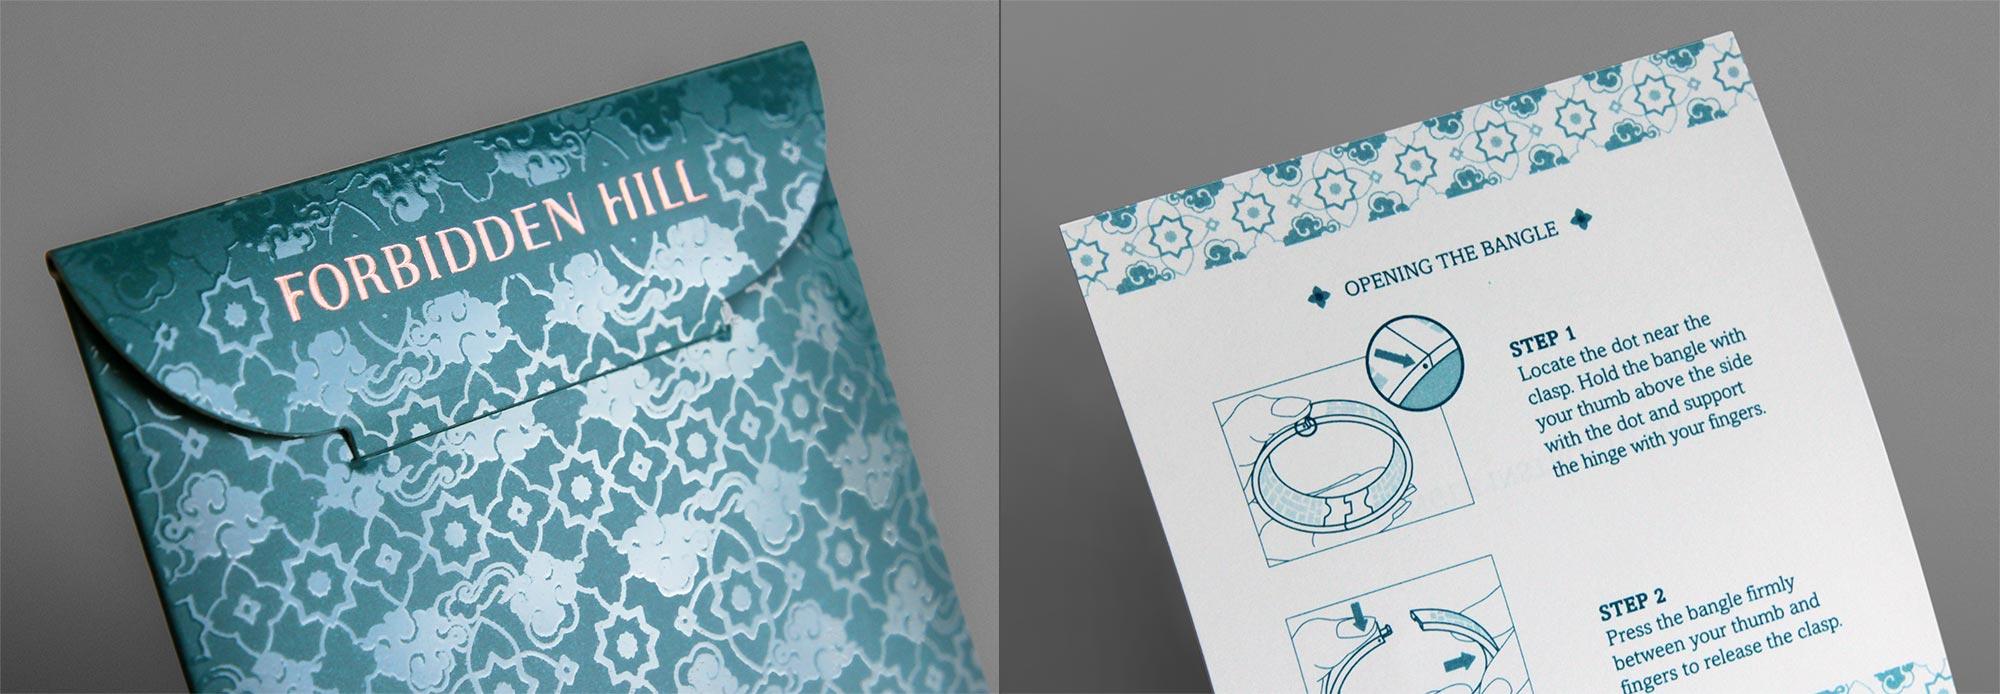 Forbidden Hill Packaging Design